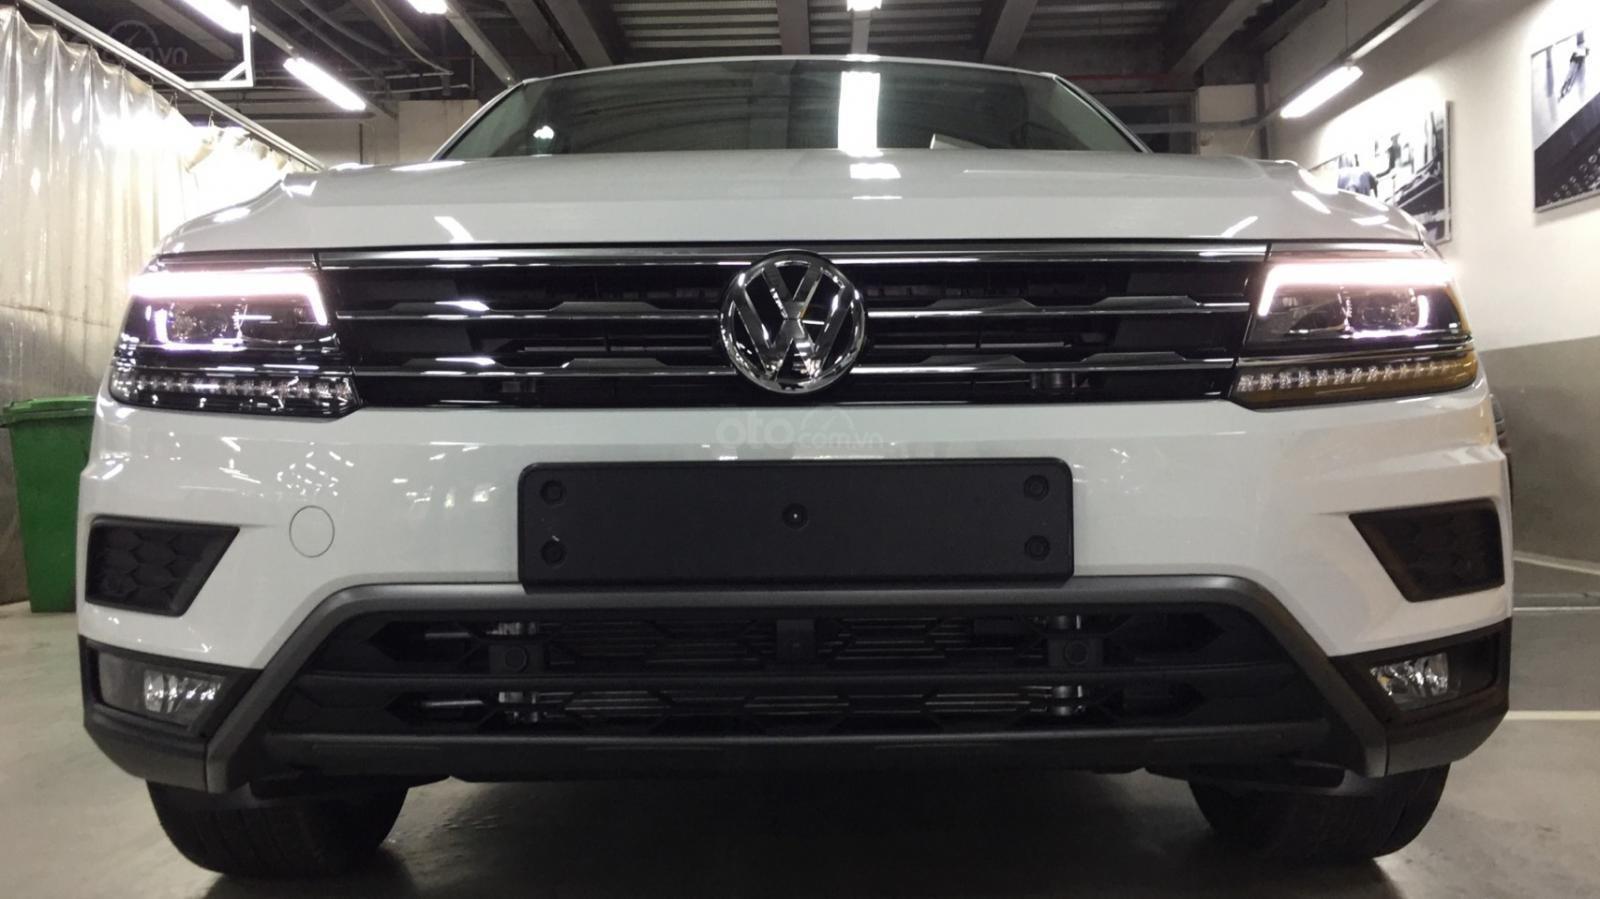 Volkswagen Tiguan Luxury S 2021 những nâng cấp khác biệt đáng quan tâm (2)